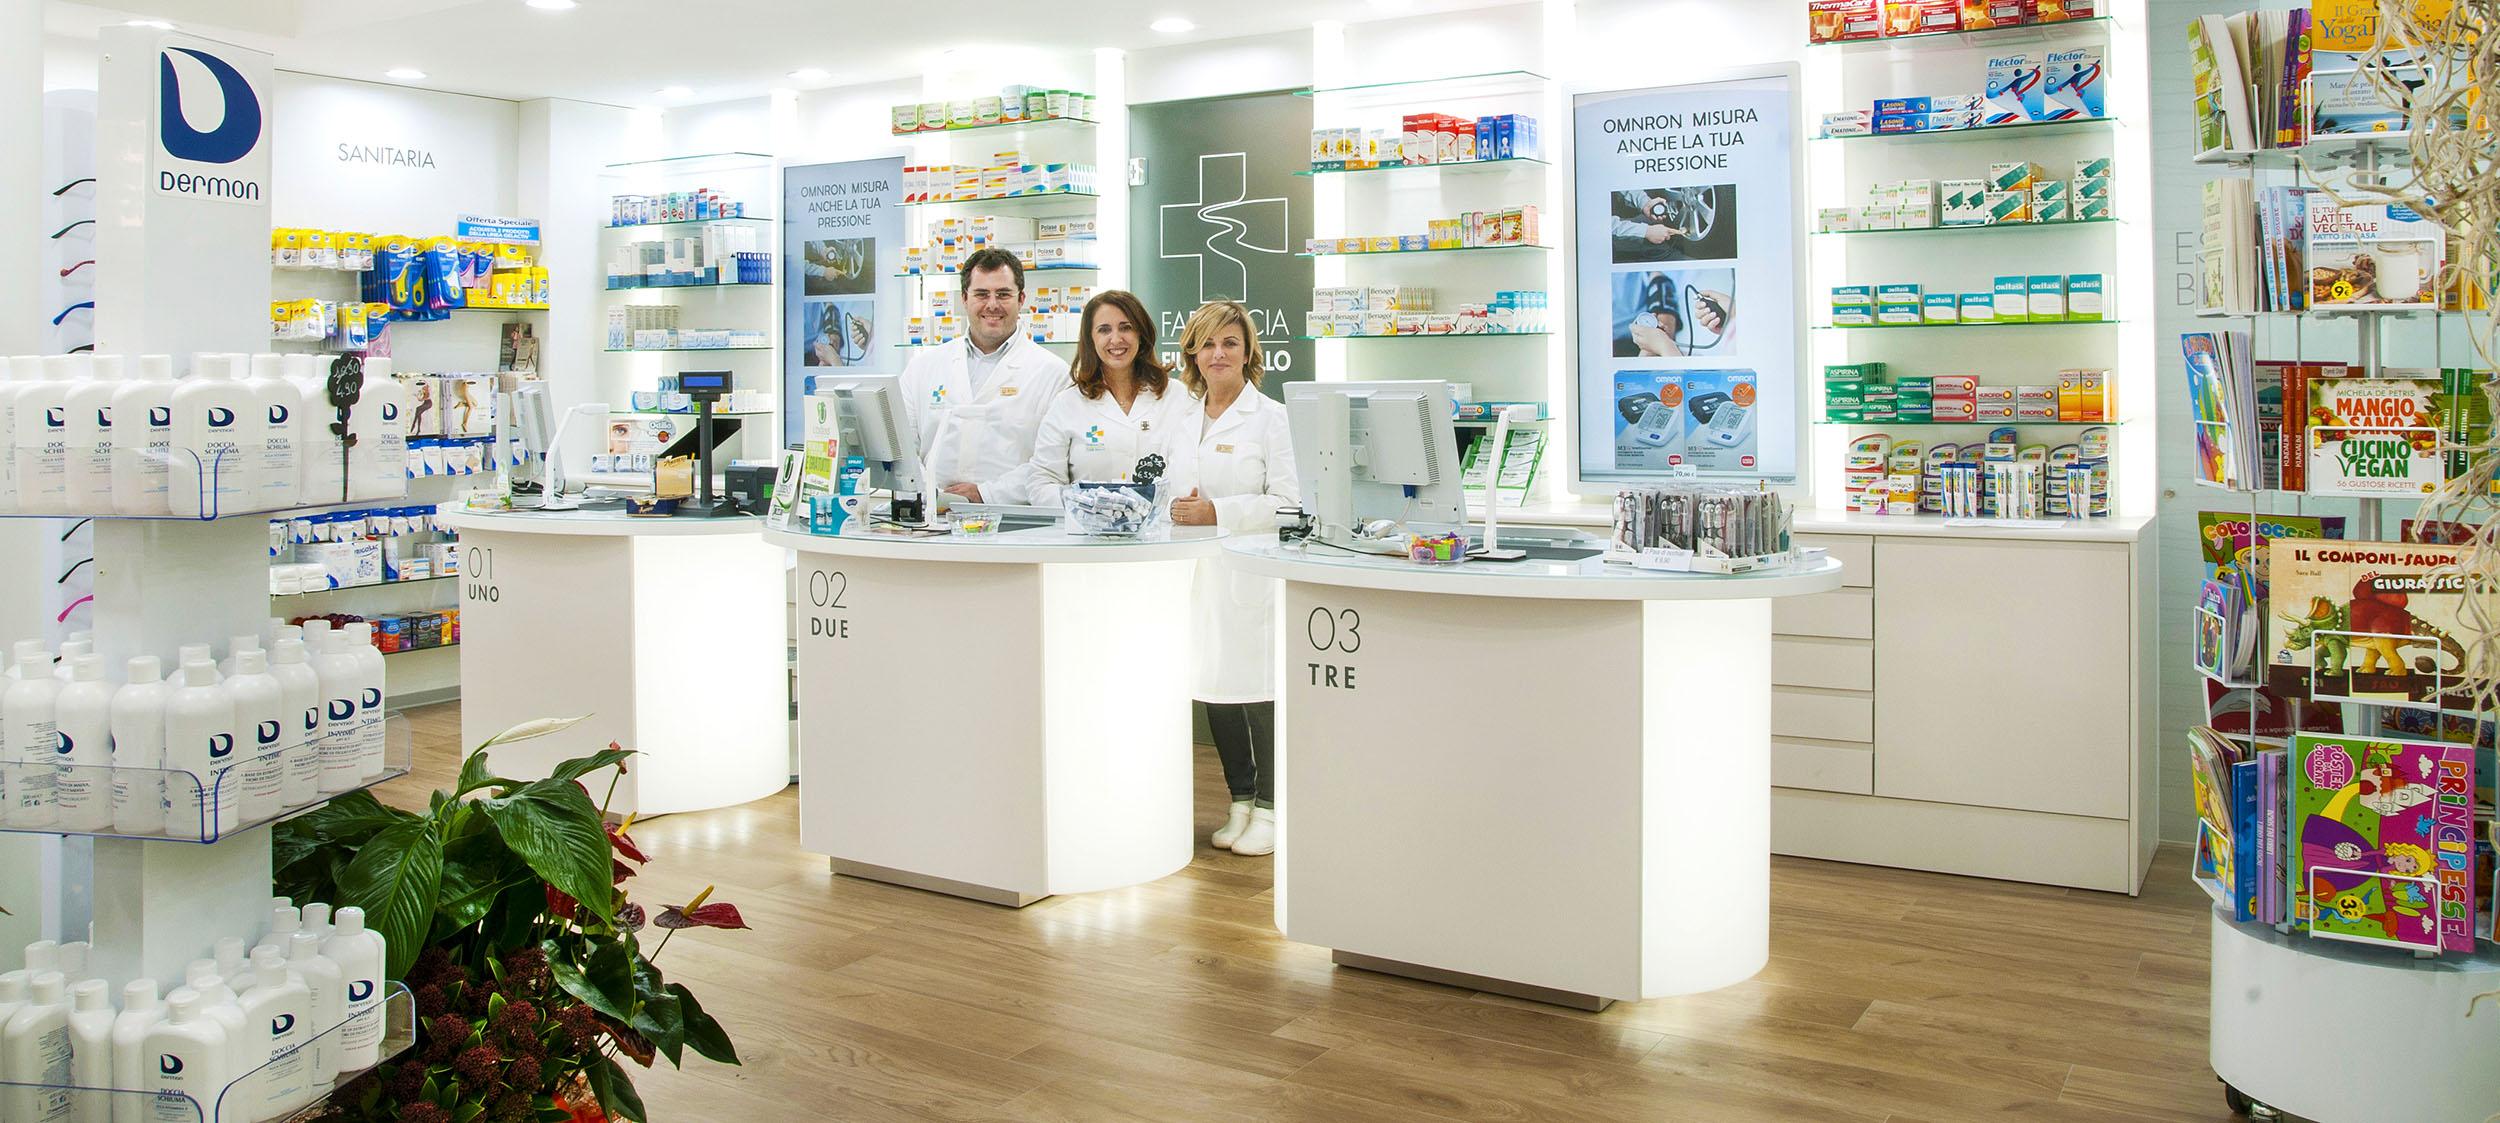 farmaci-ricette-consigli-esperti-farmacia-fiume-giallo-roma